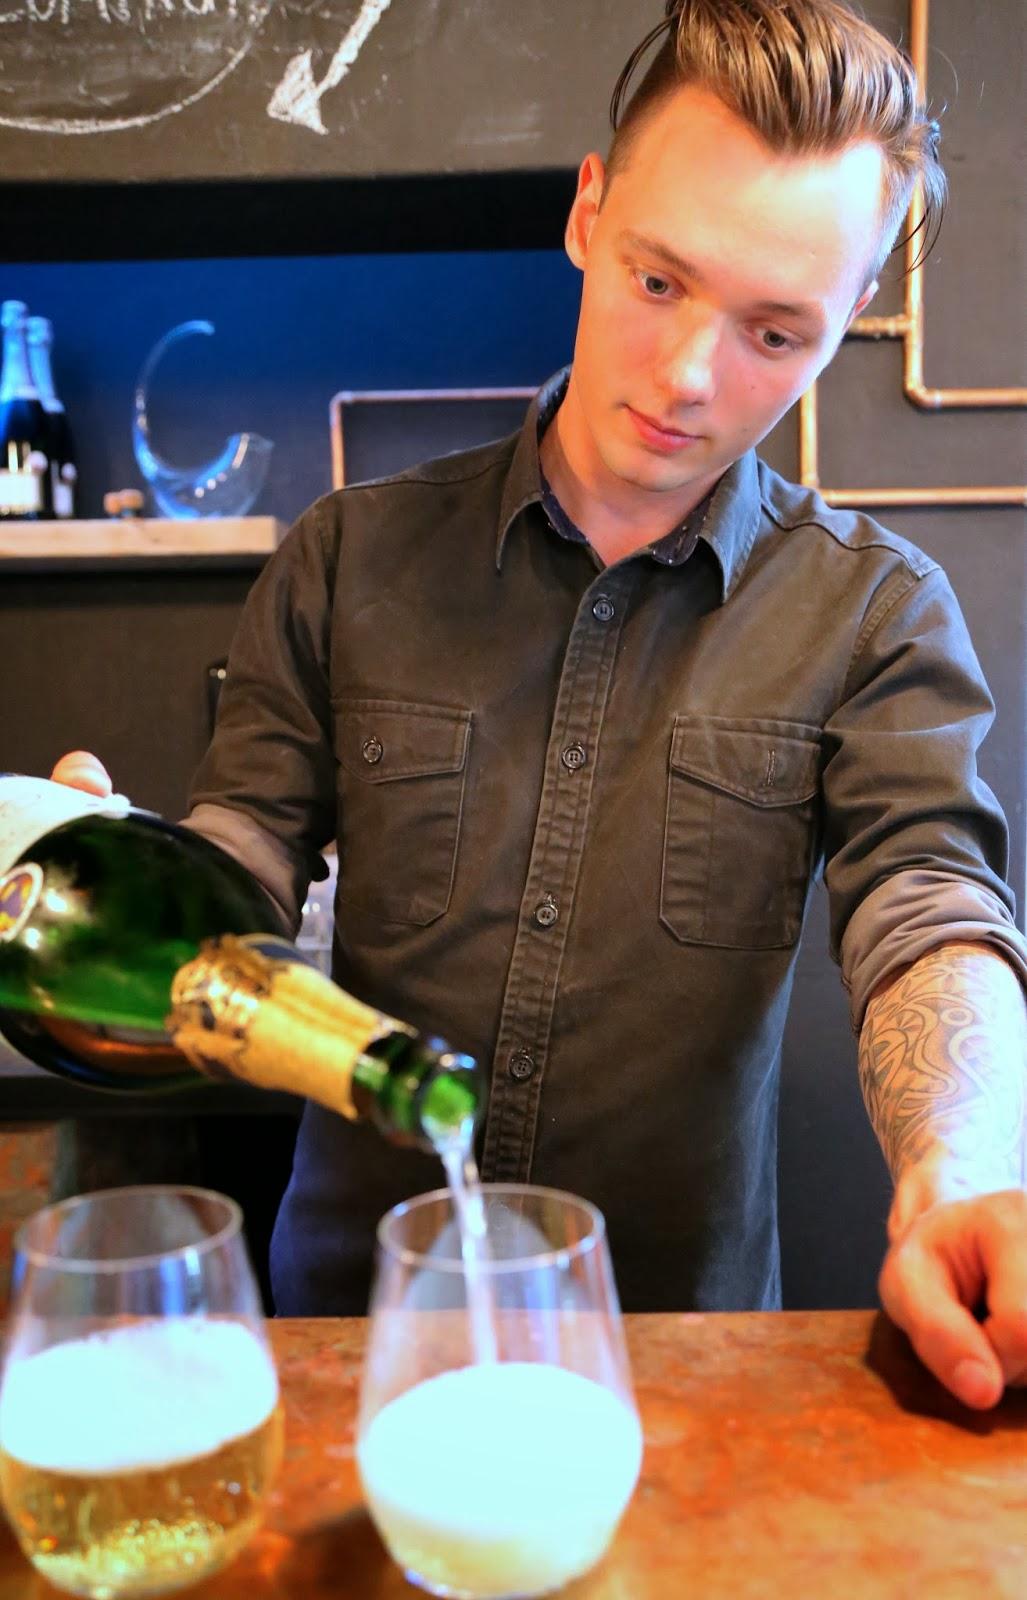 Pouring sparkling wine at Publik, Cape Town.